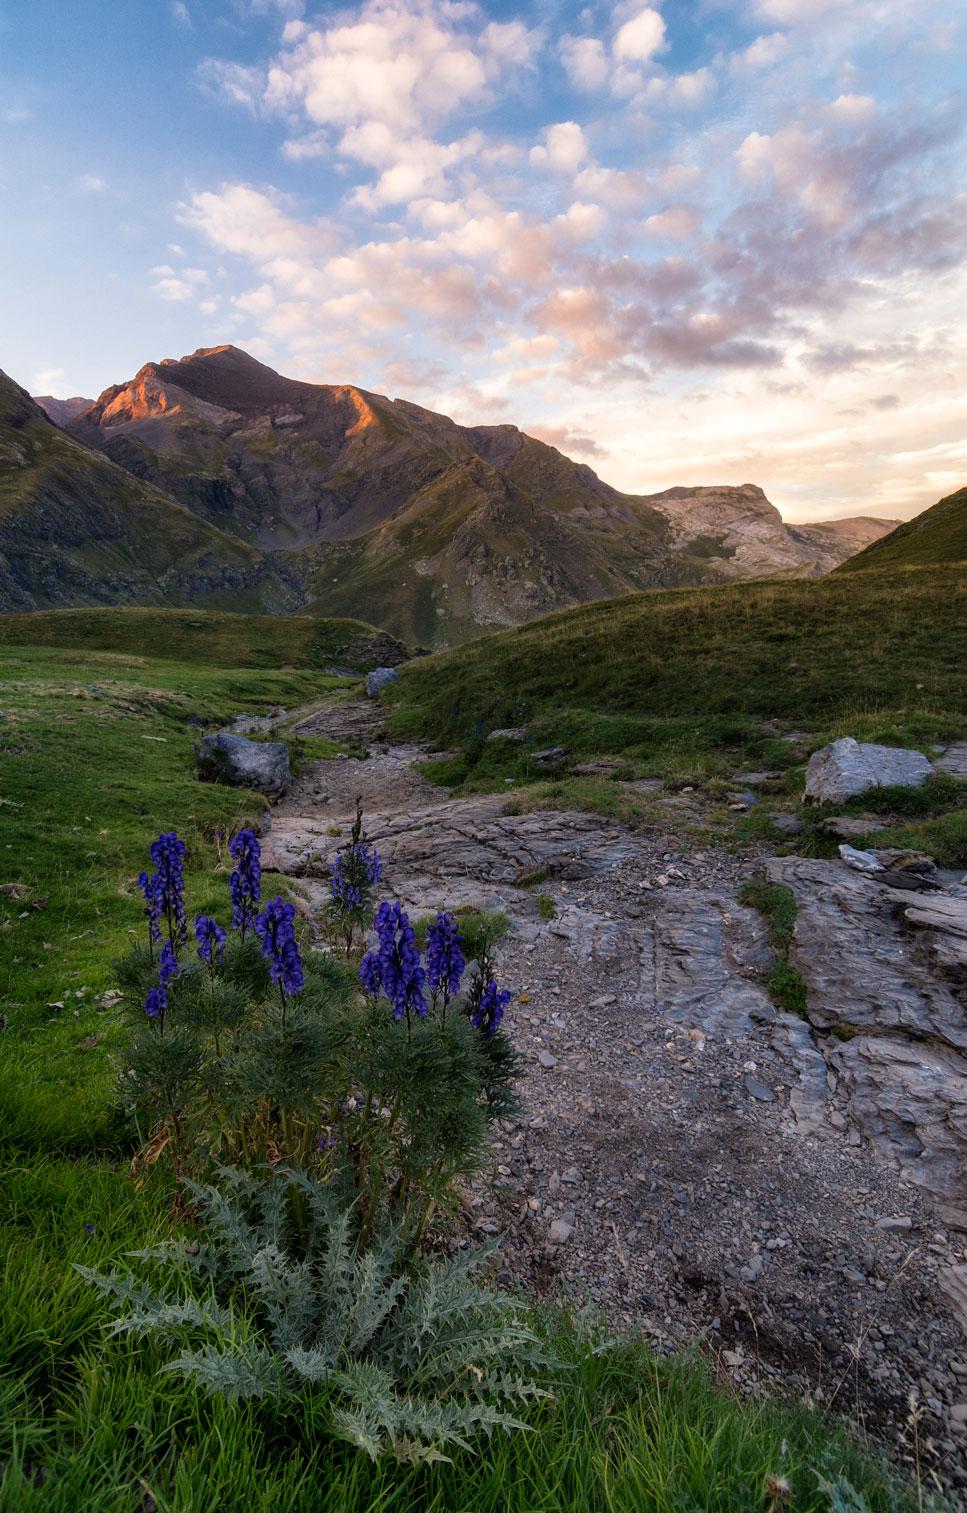 Ultimas luces en los valles - Archivo - Iñaki Larrea, Fotografía de naturaleza y montaña